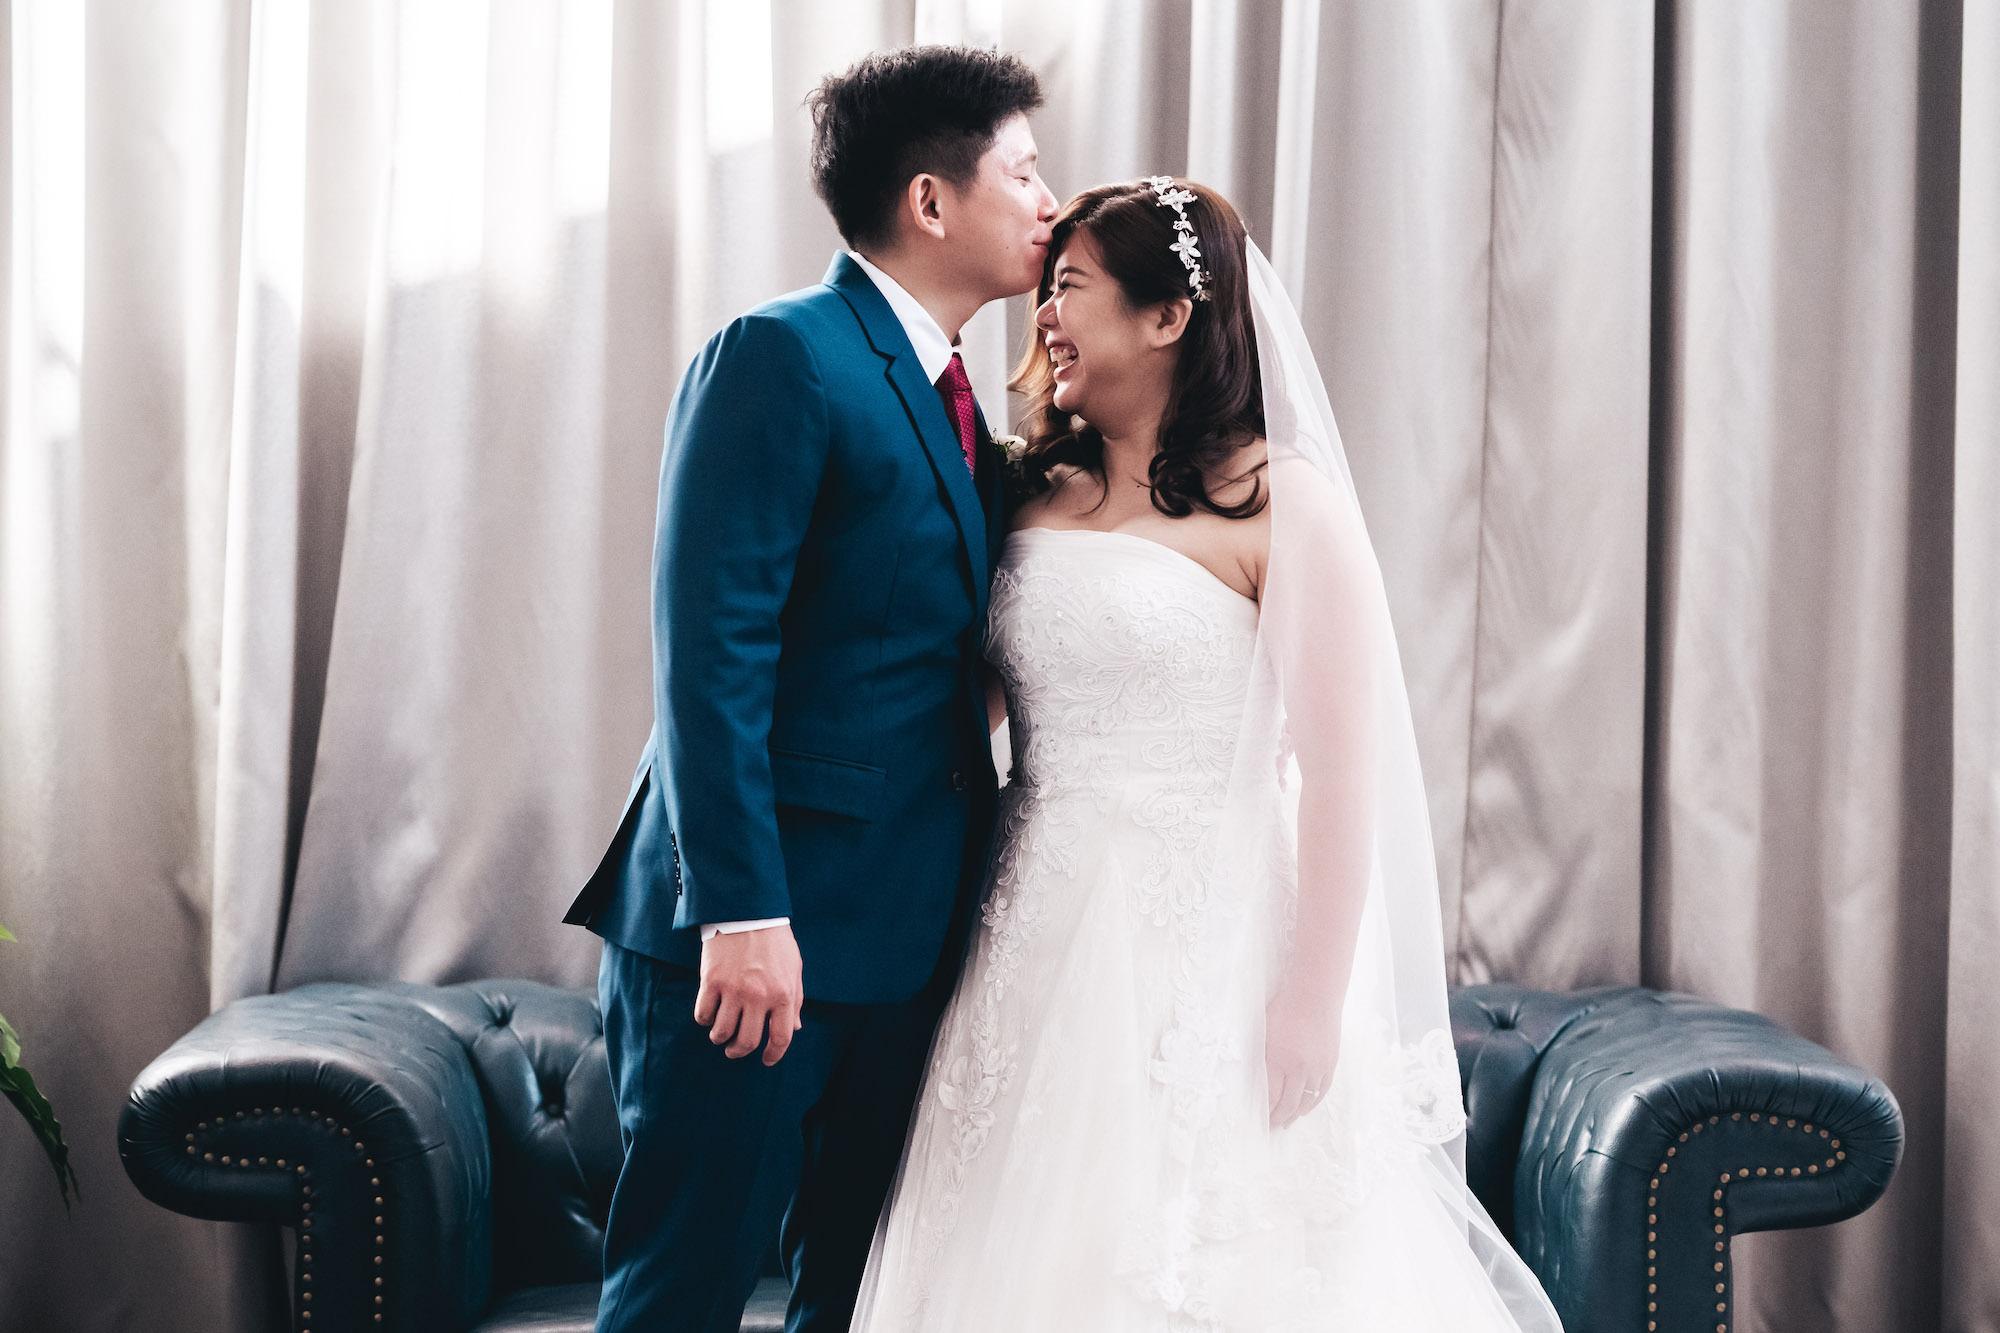 20190223_Amanda and Qinwei (41 of 72).jpg